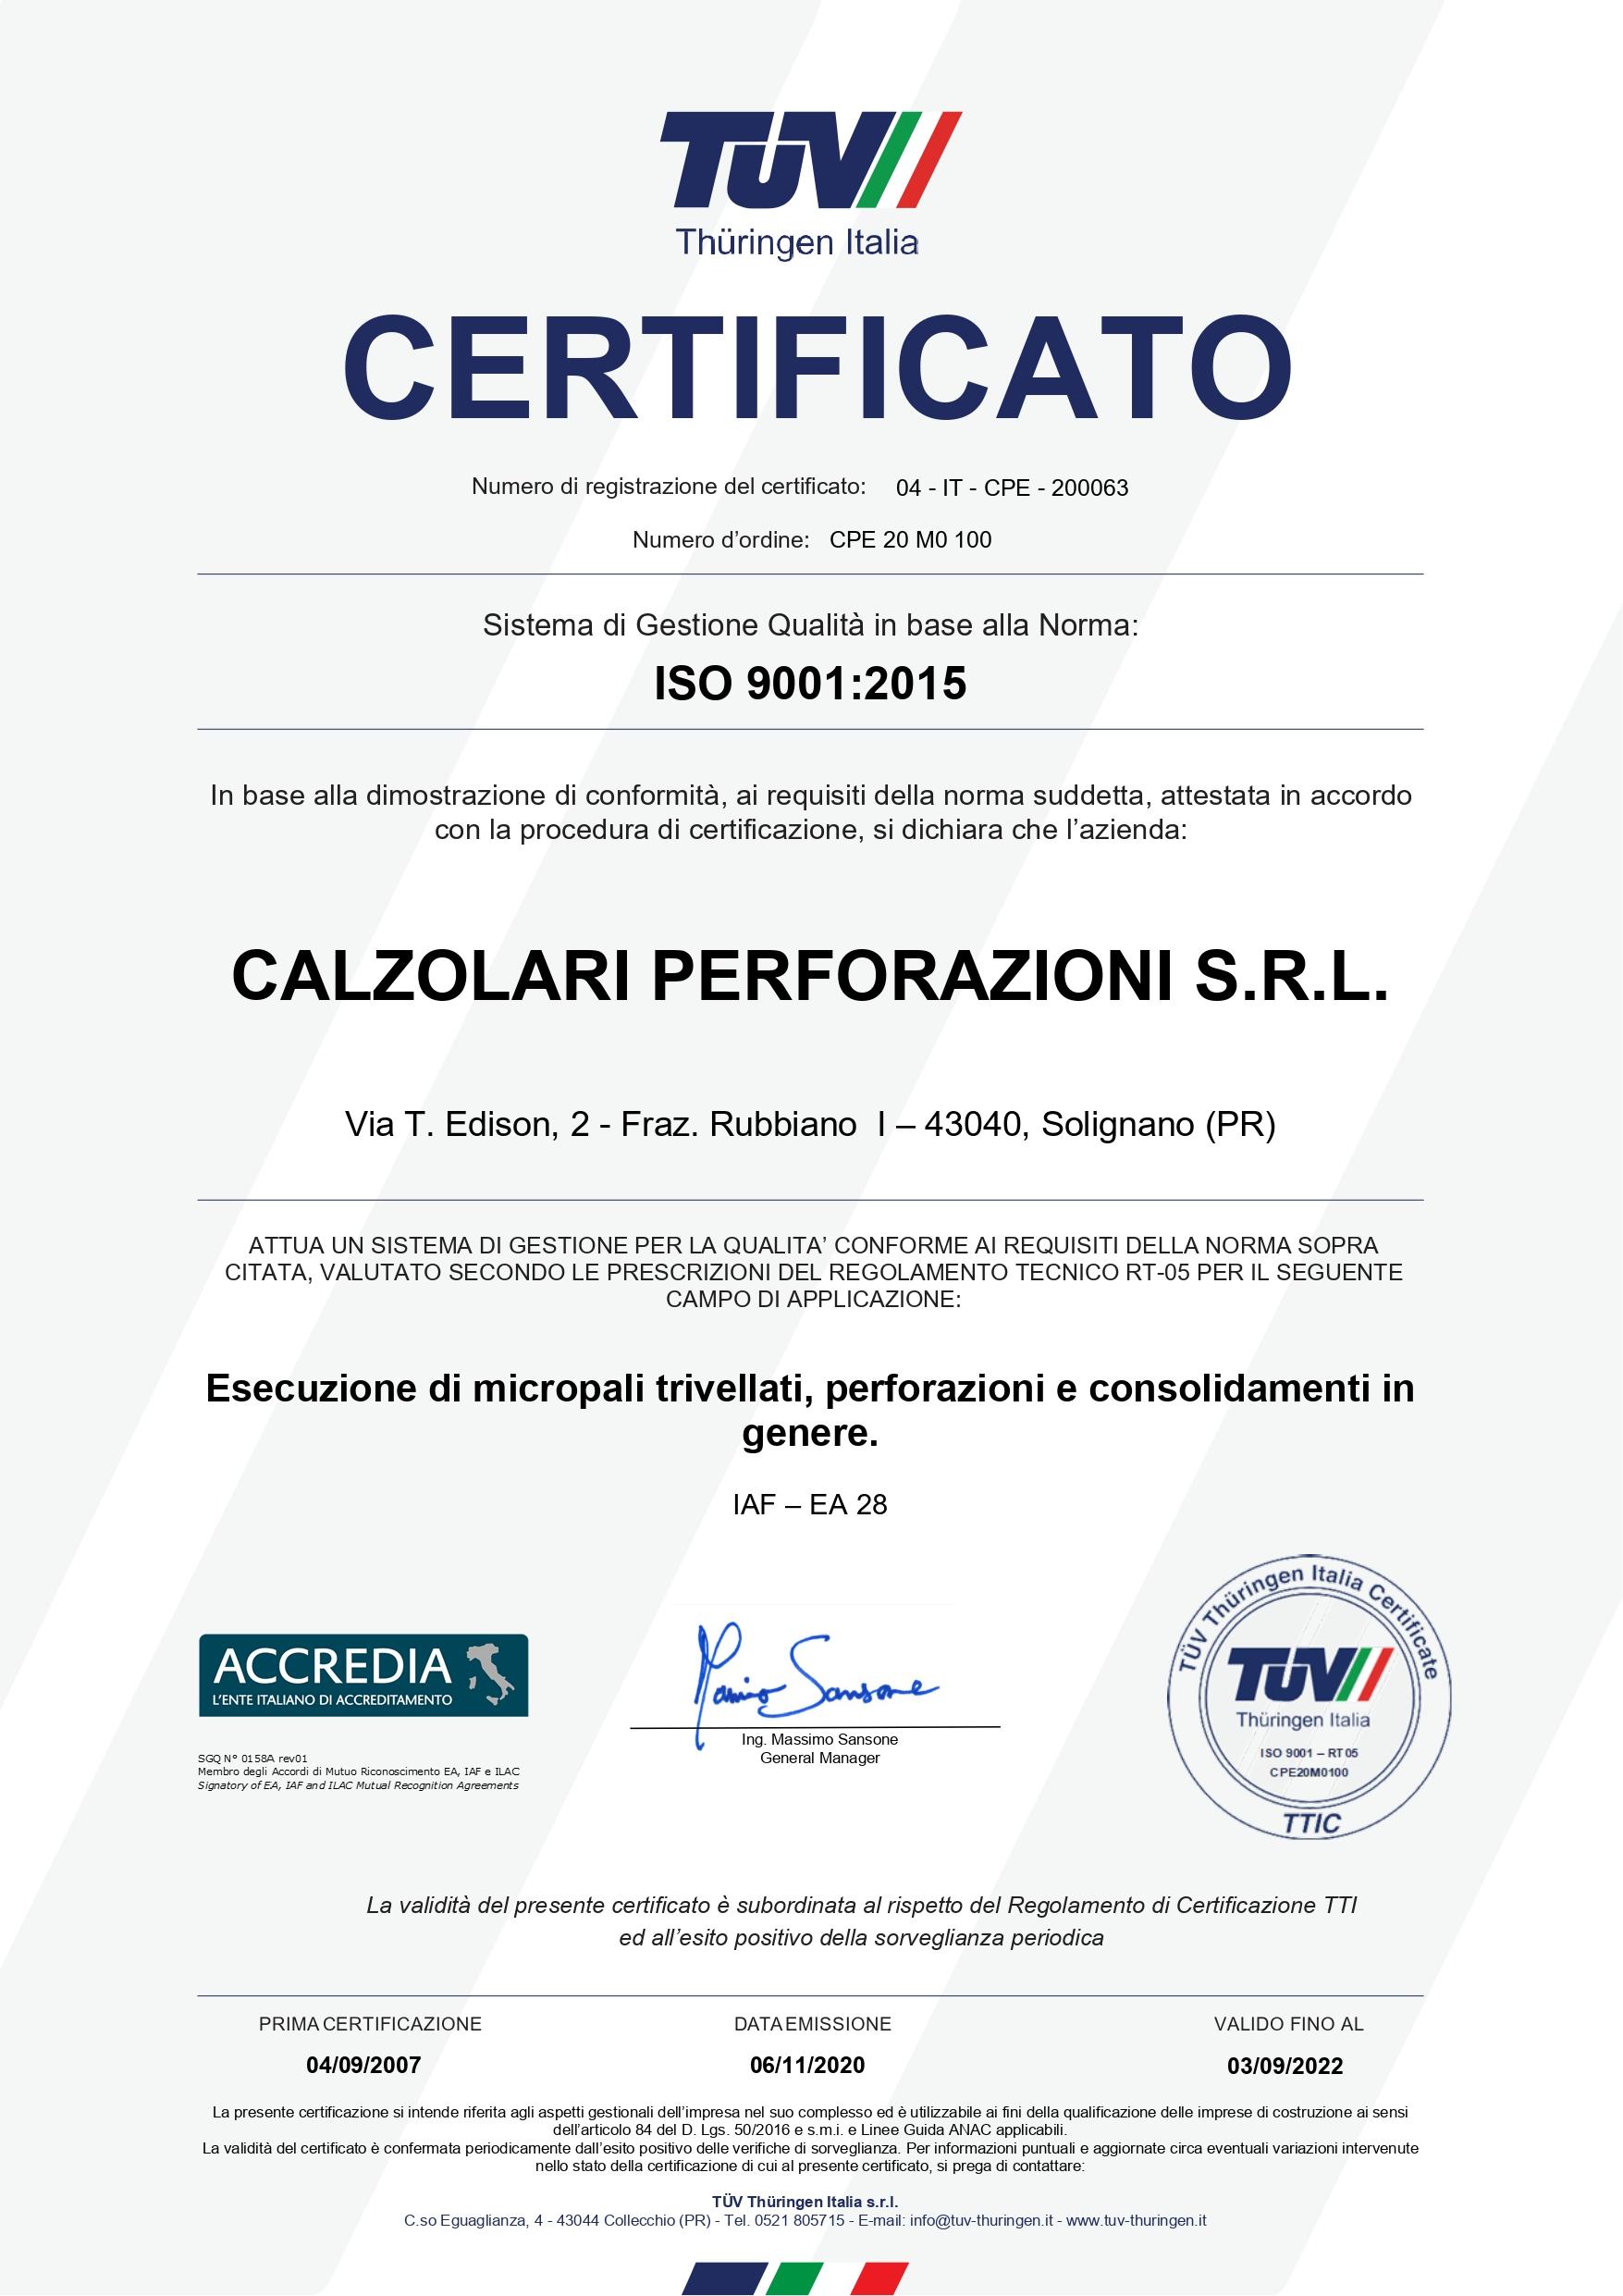 Calzolari Perforazioni - Certificato ISO9001